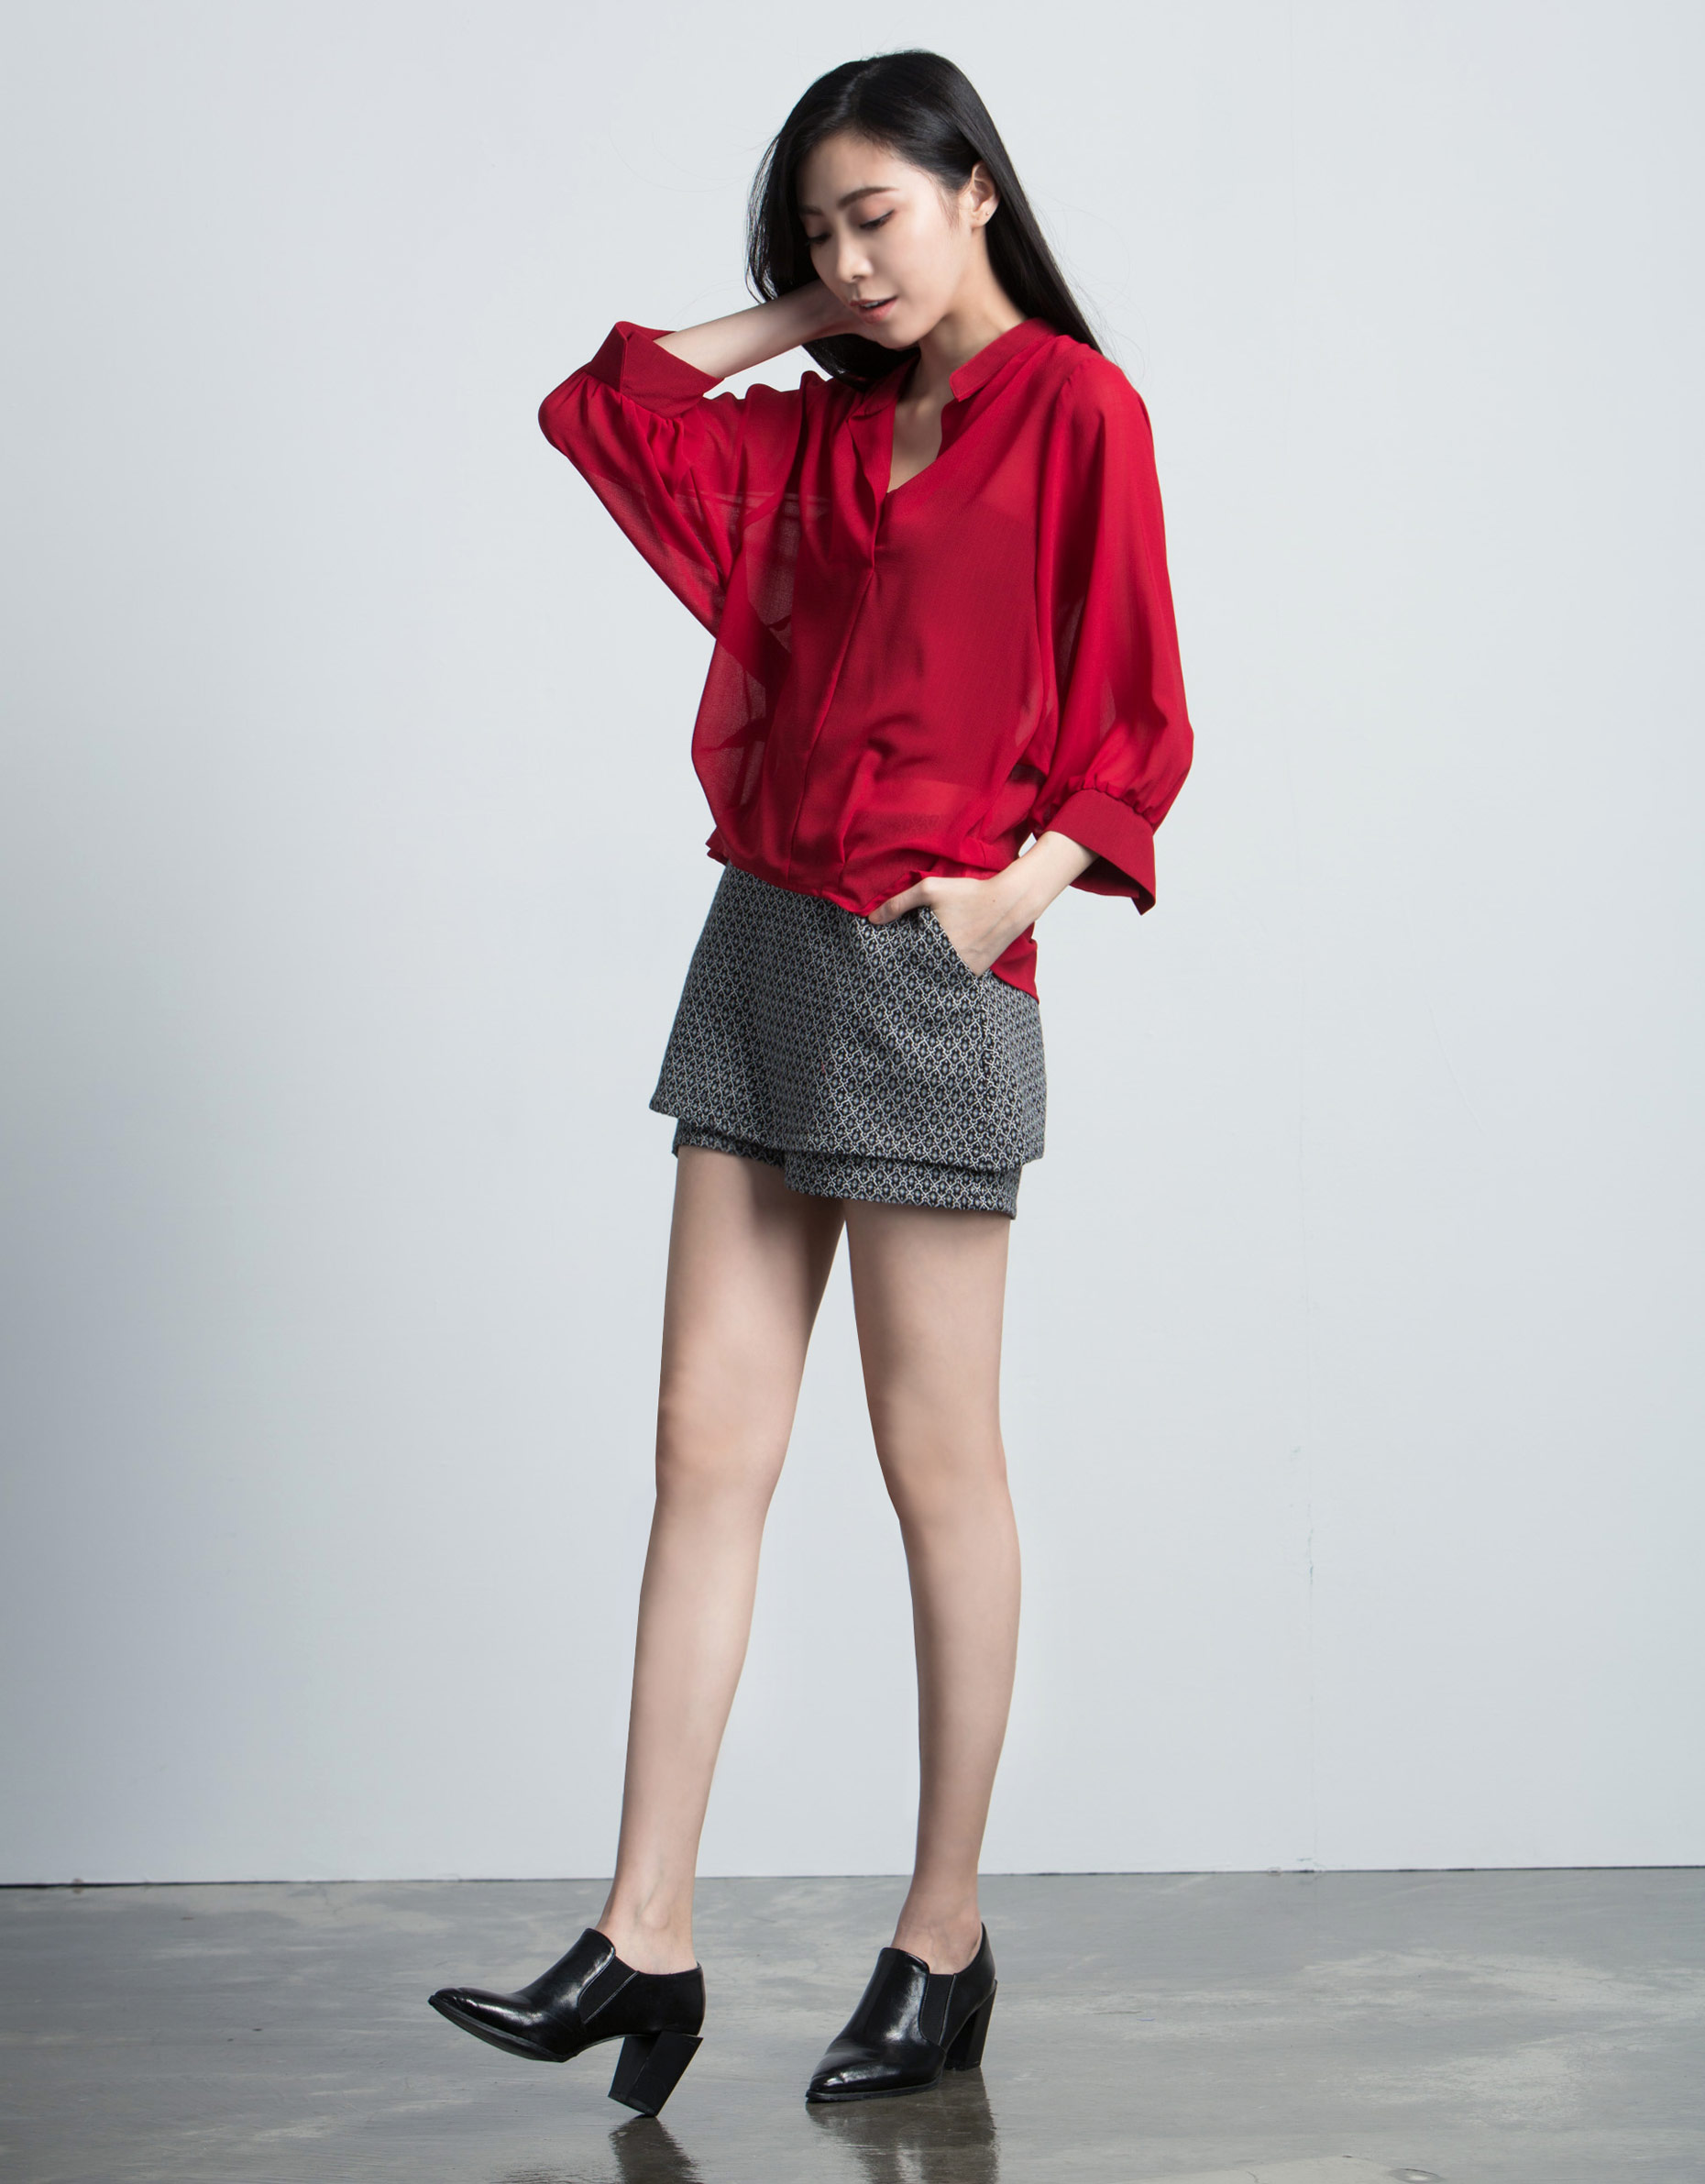 原來生活是這樣: 吳佩嘉 018 透膚蝴蝶袖襯衫 深紅S